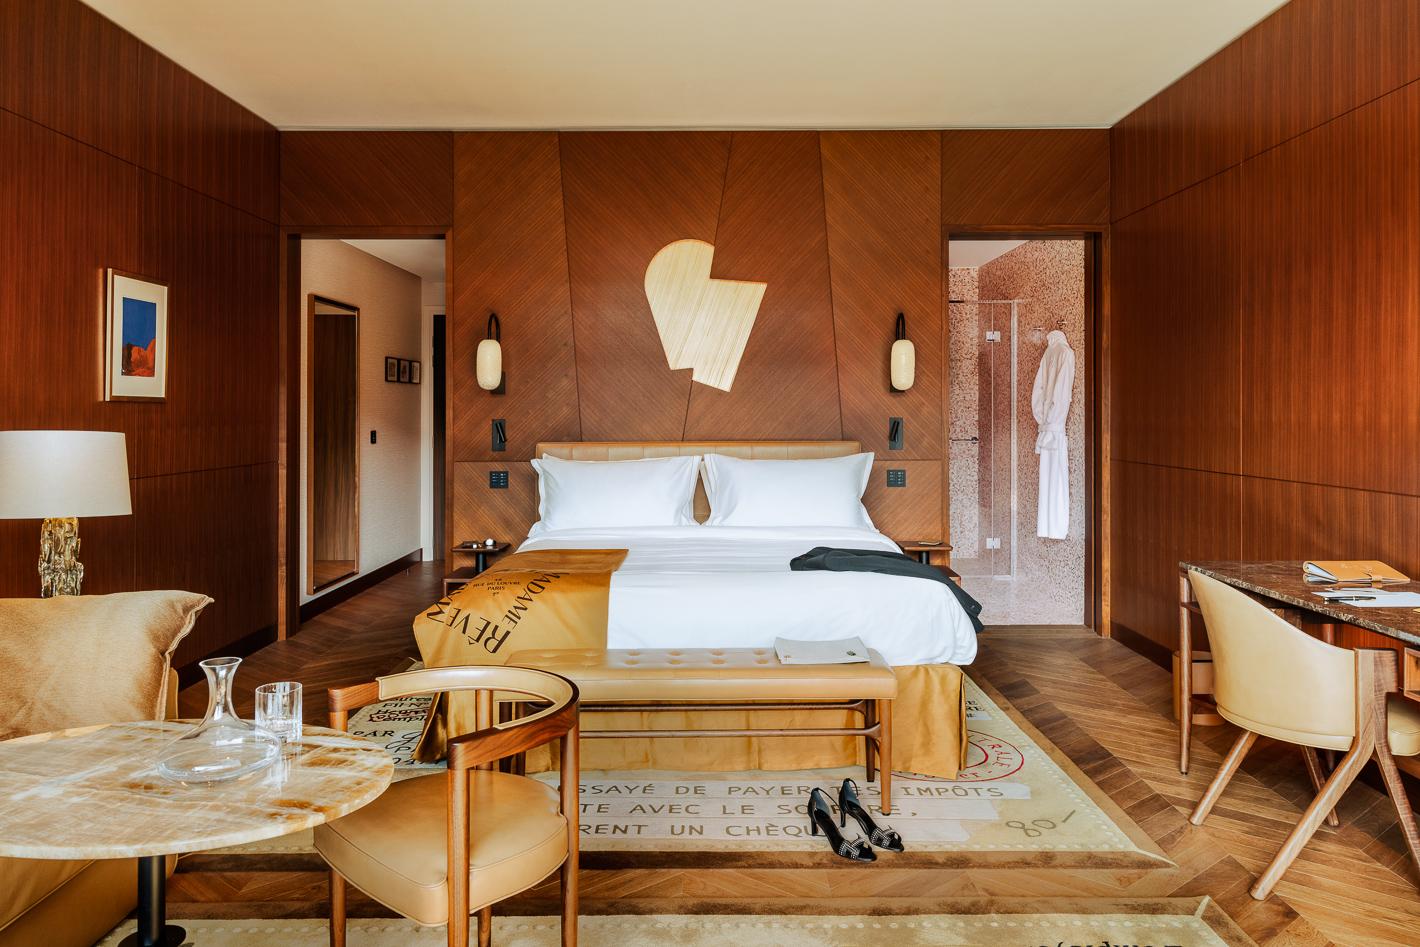 juinior-suite-family-vue-jardin-terrasse-hotel-madame-reve-1